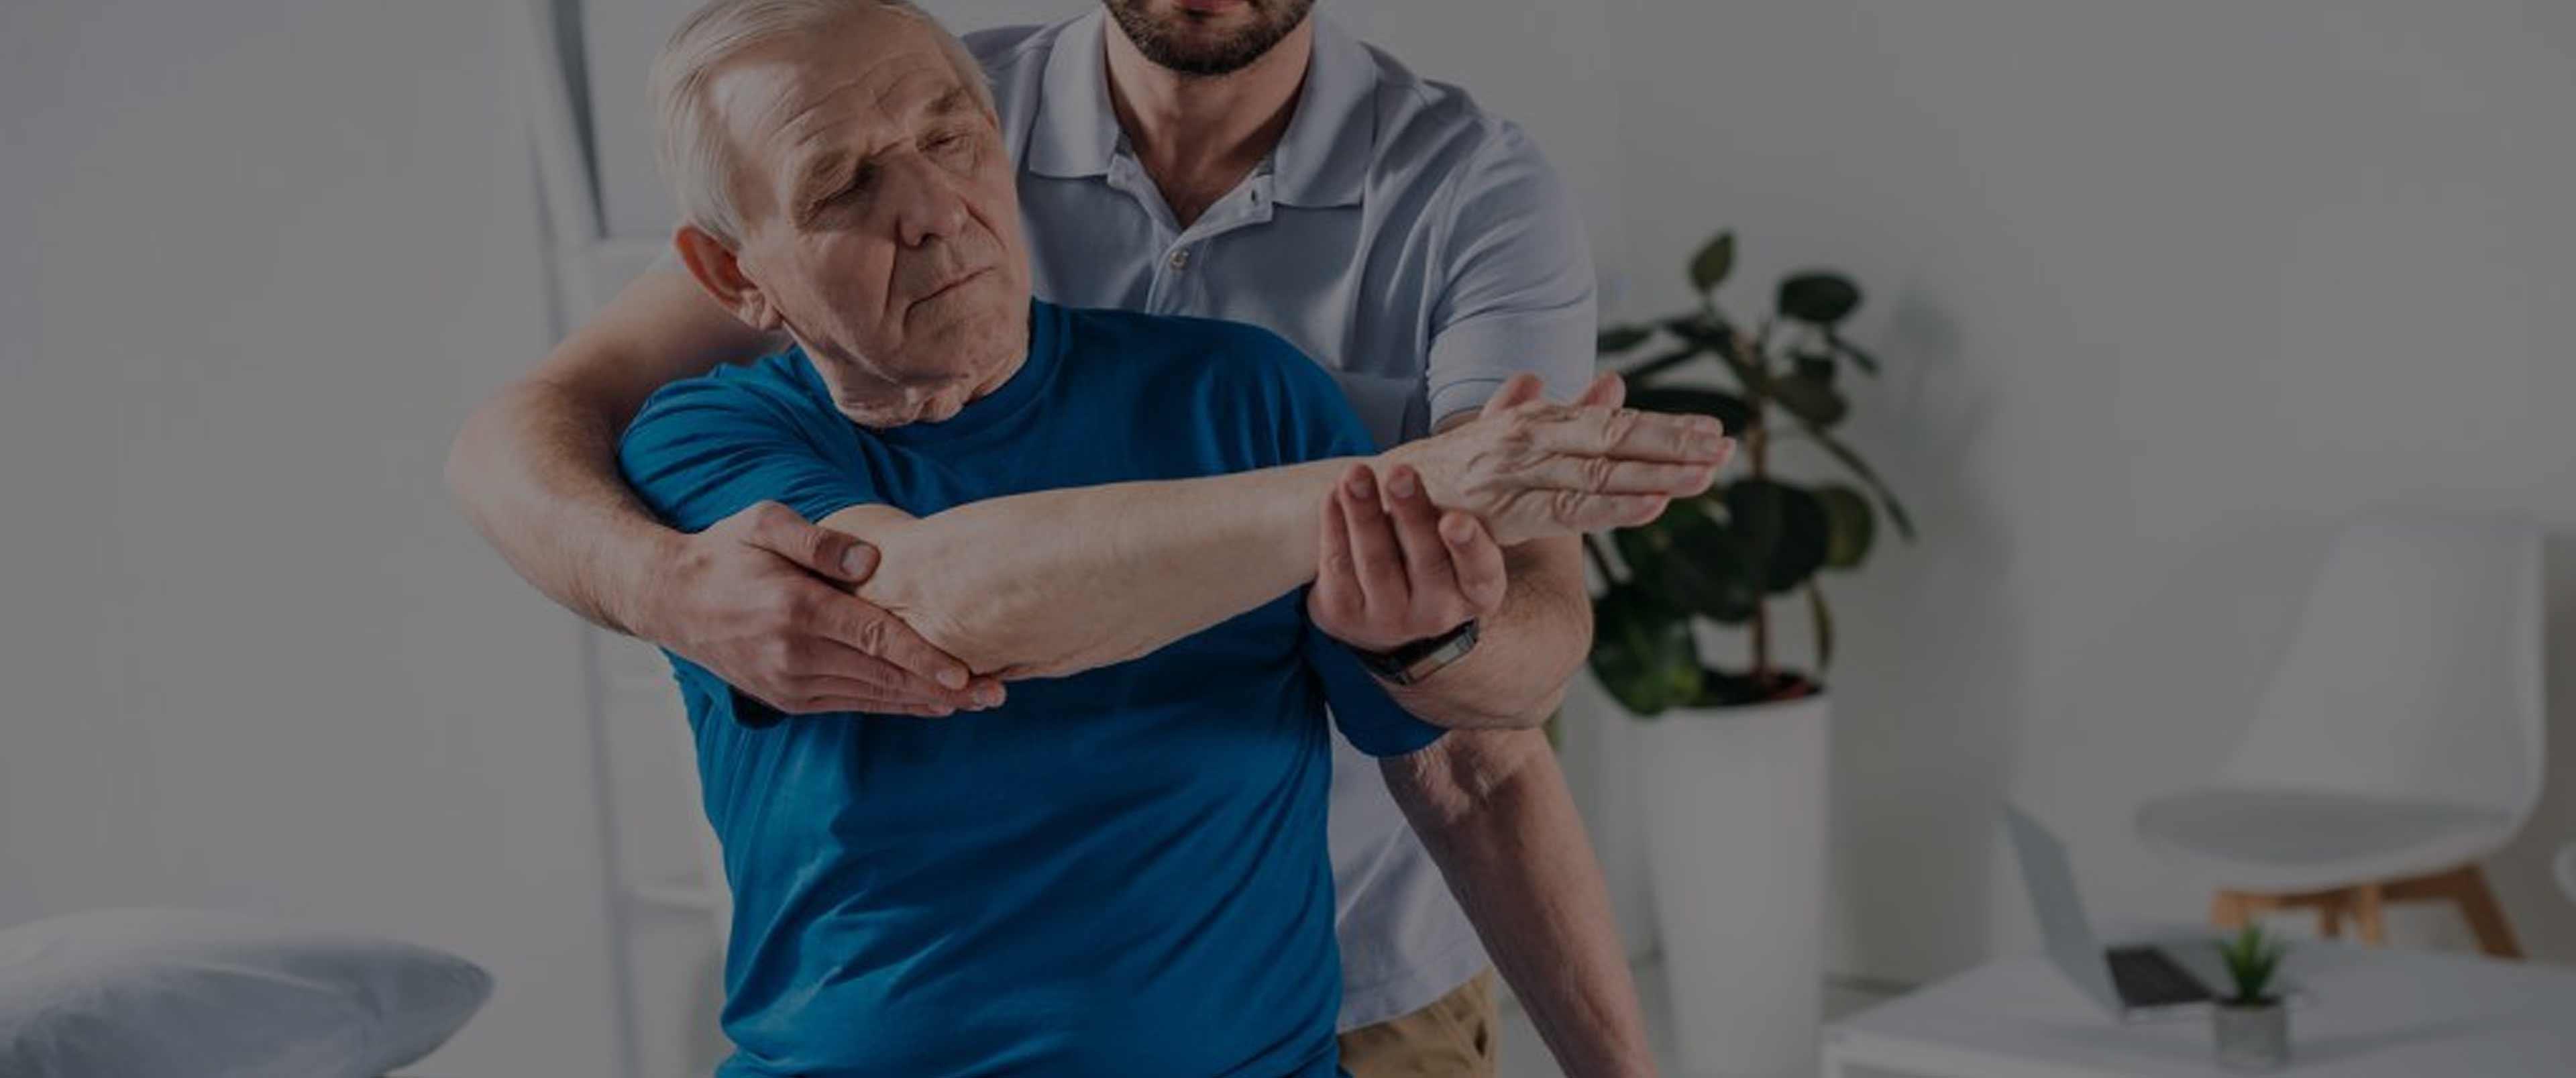 فیزیوتراپی سالمندان در منزل